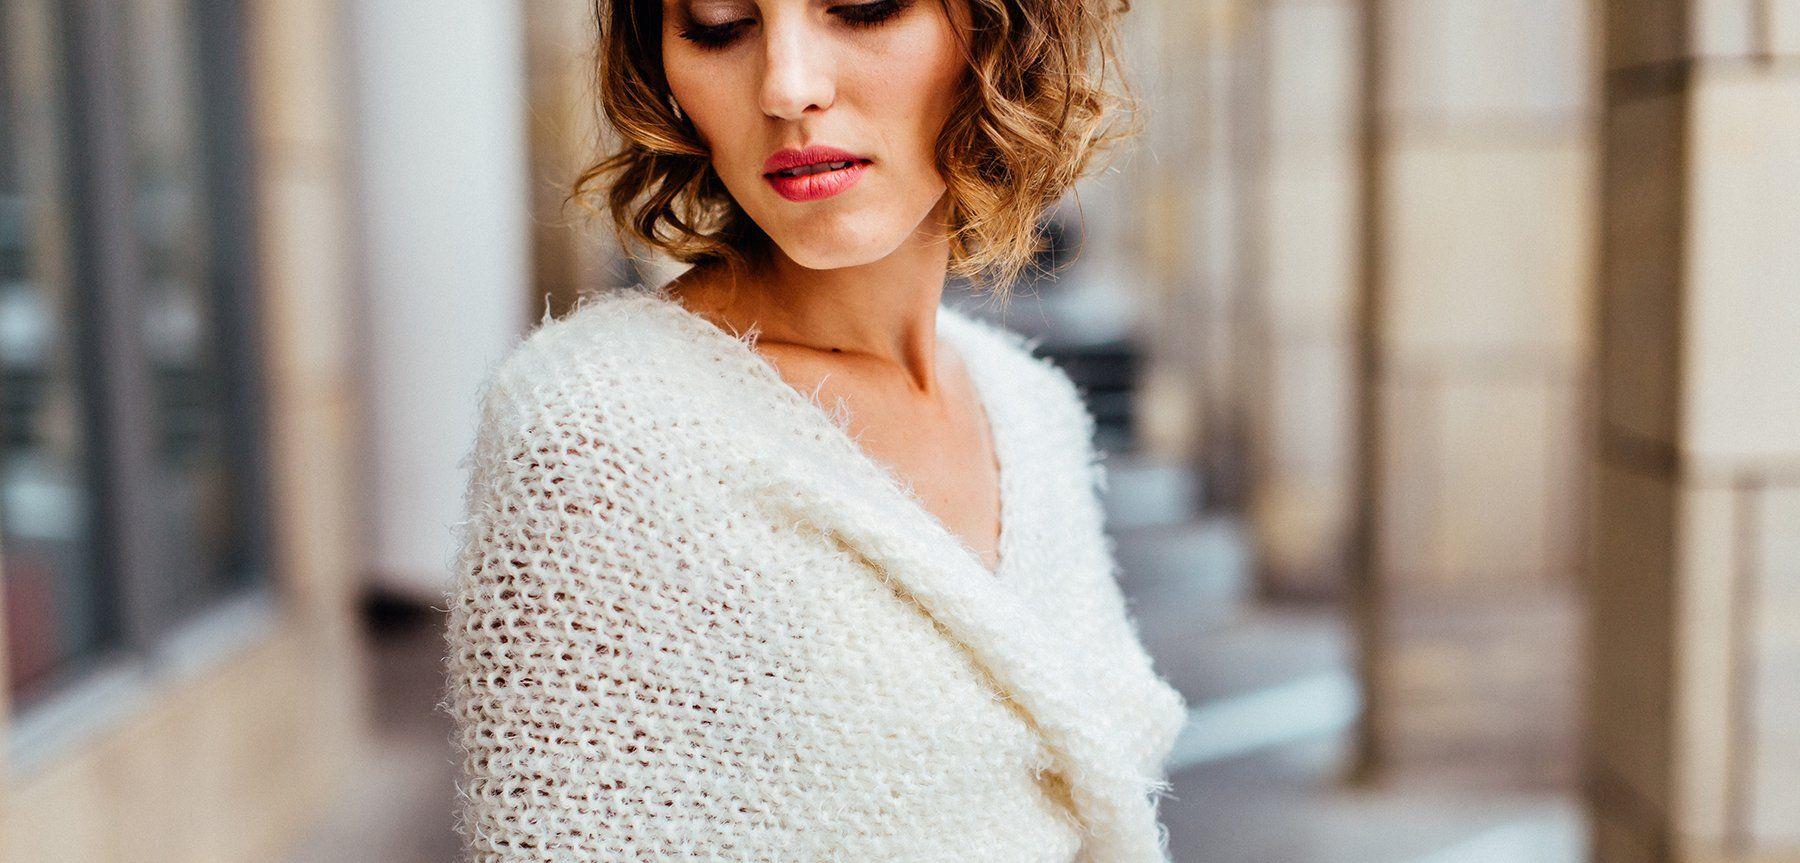 Jacken Ideen zum Brautkleid   Jacken, Die braut und Braut